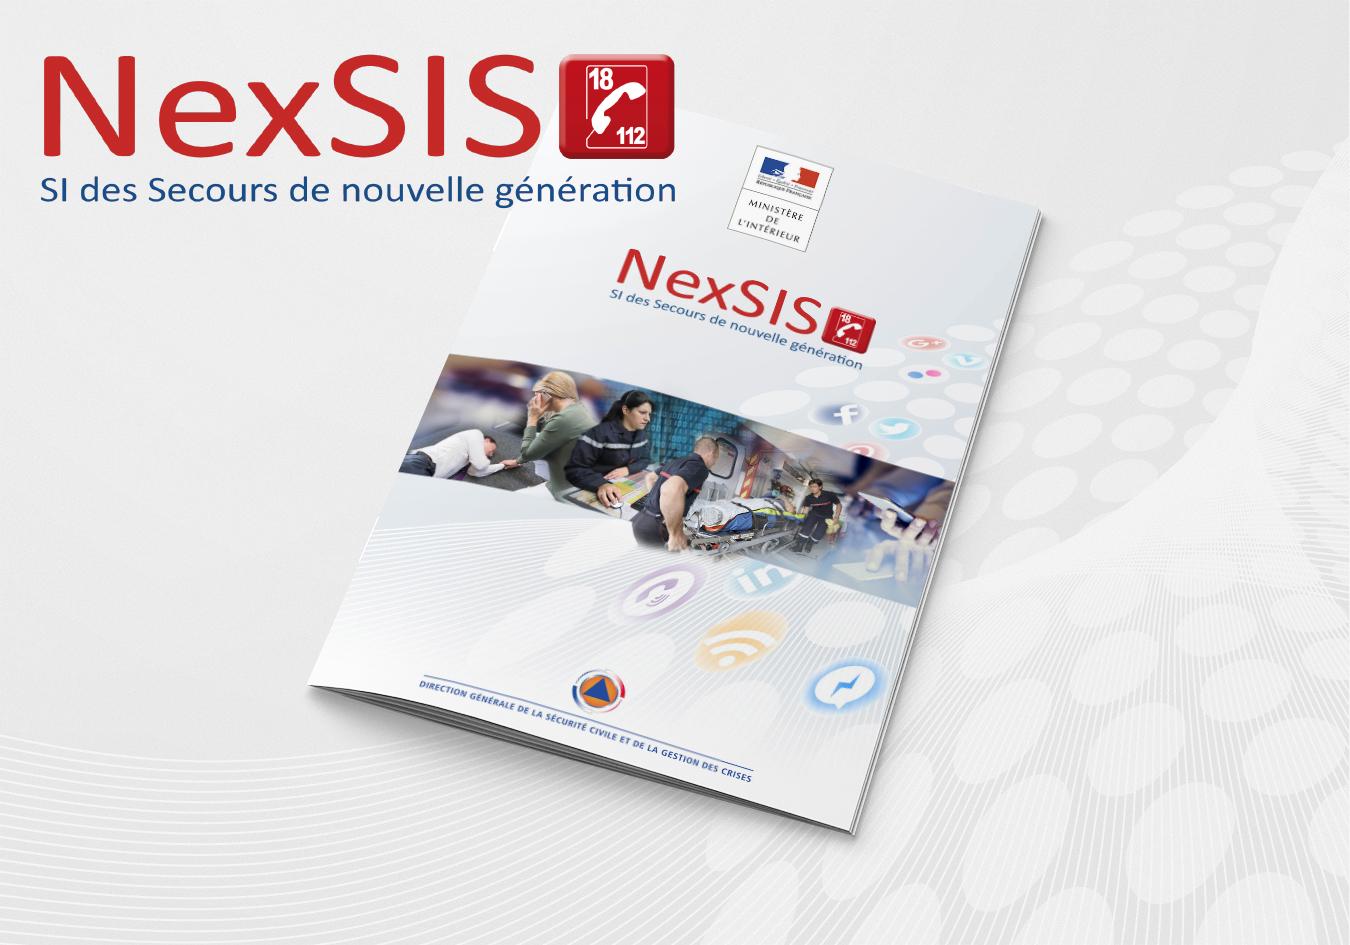 Information NexSIS 18-112. Portfolio de Bruno Lemaistre, graphiste freelance à Paris